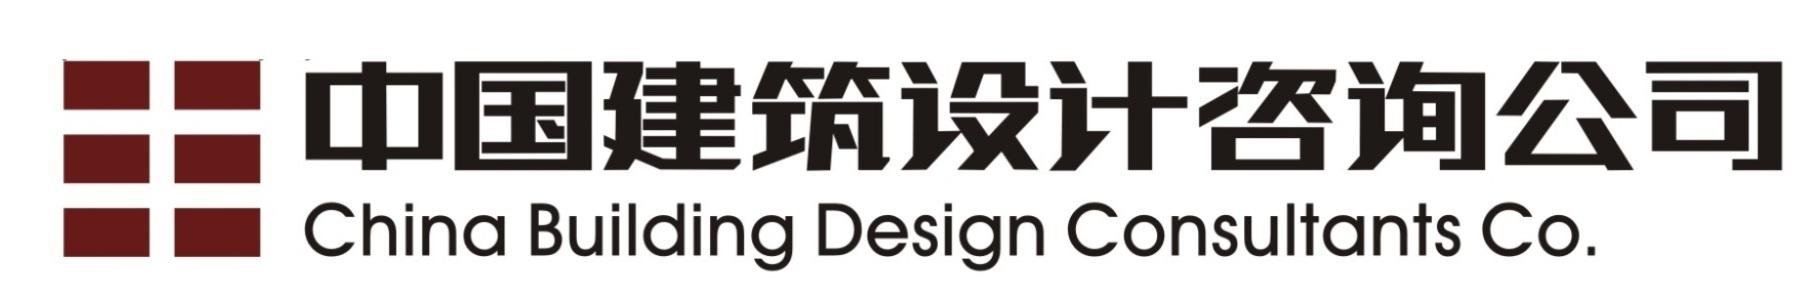 中国建筑设计咨询有限公司